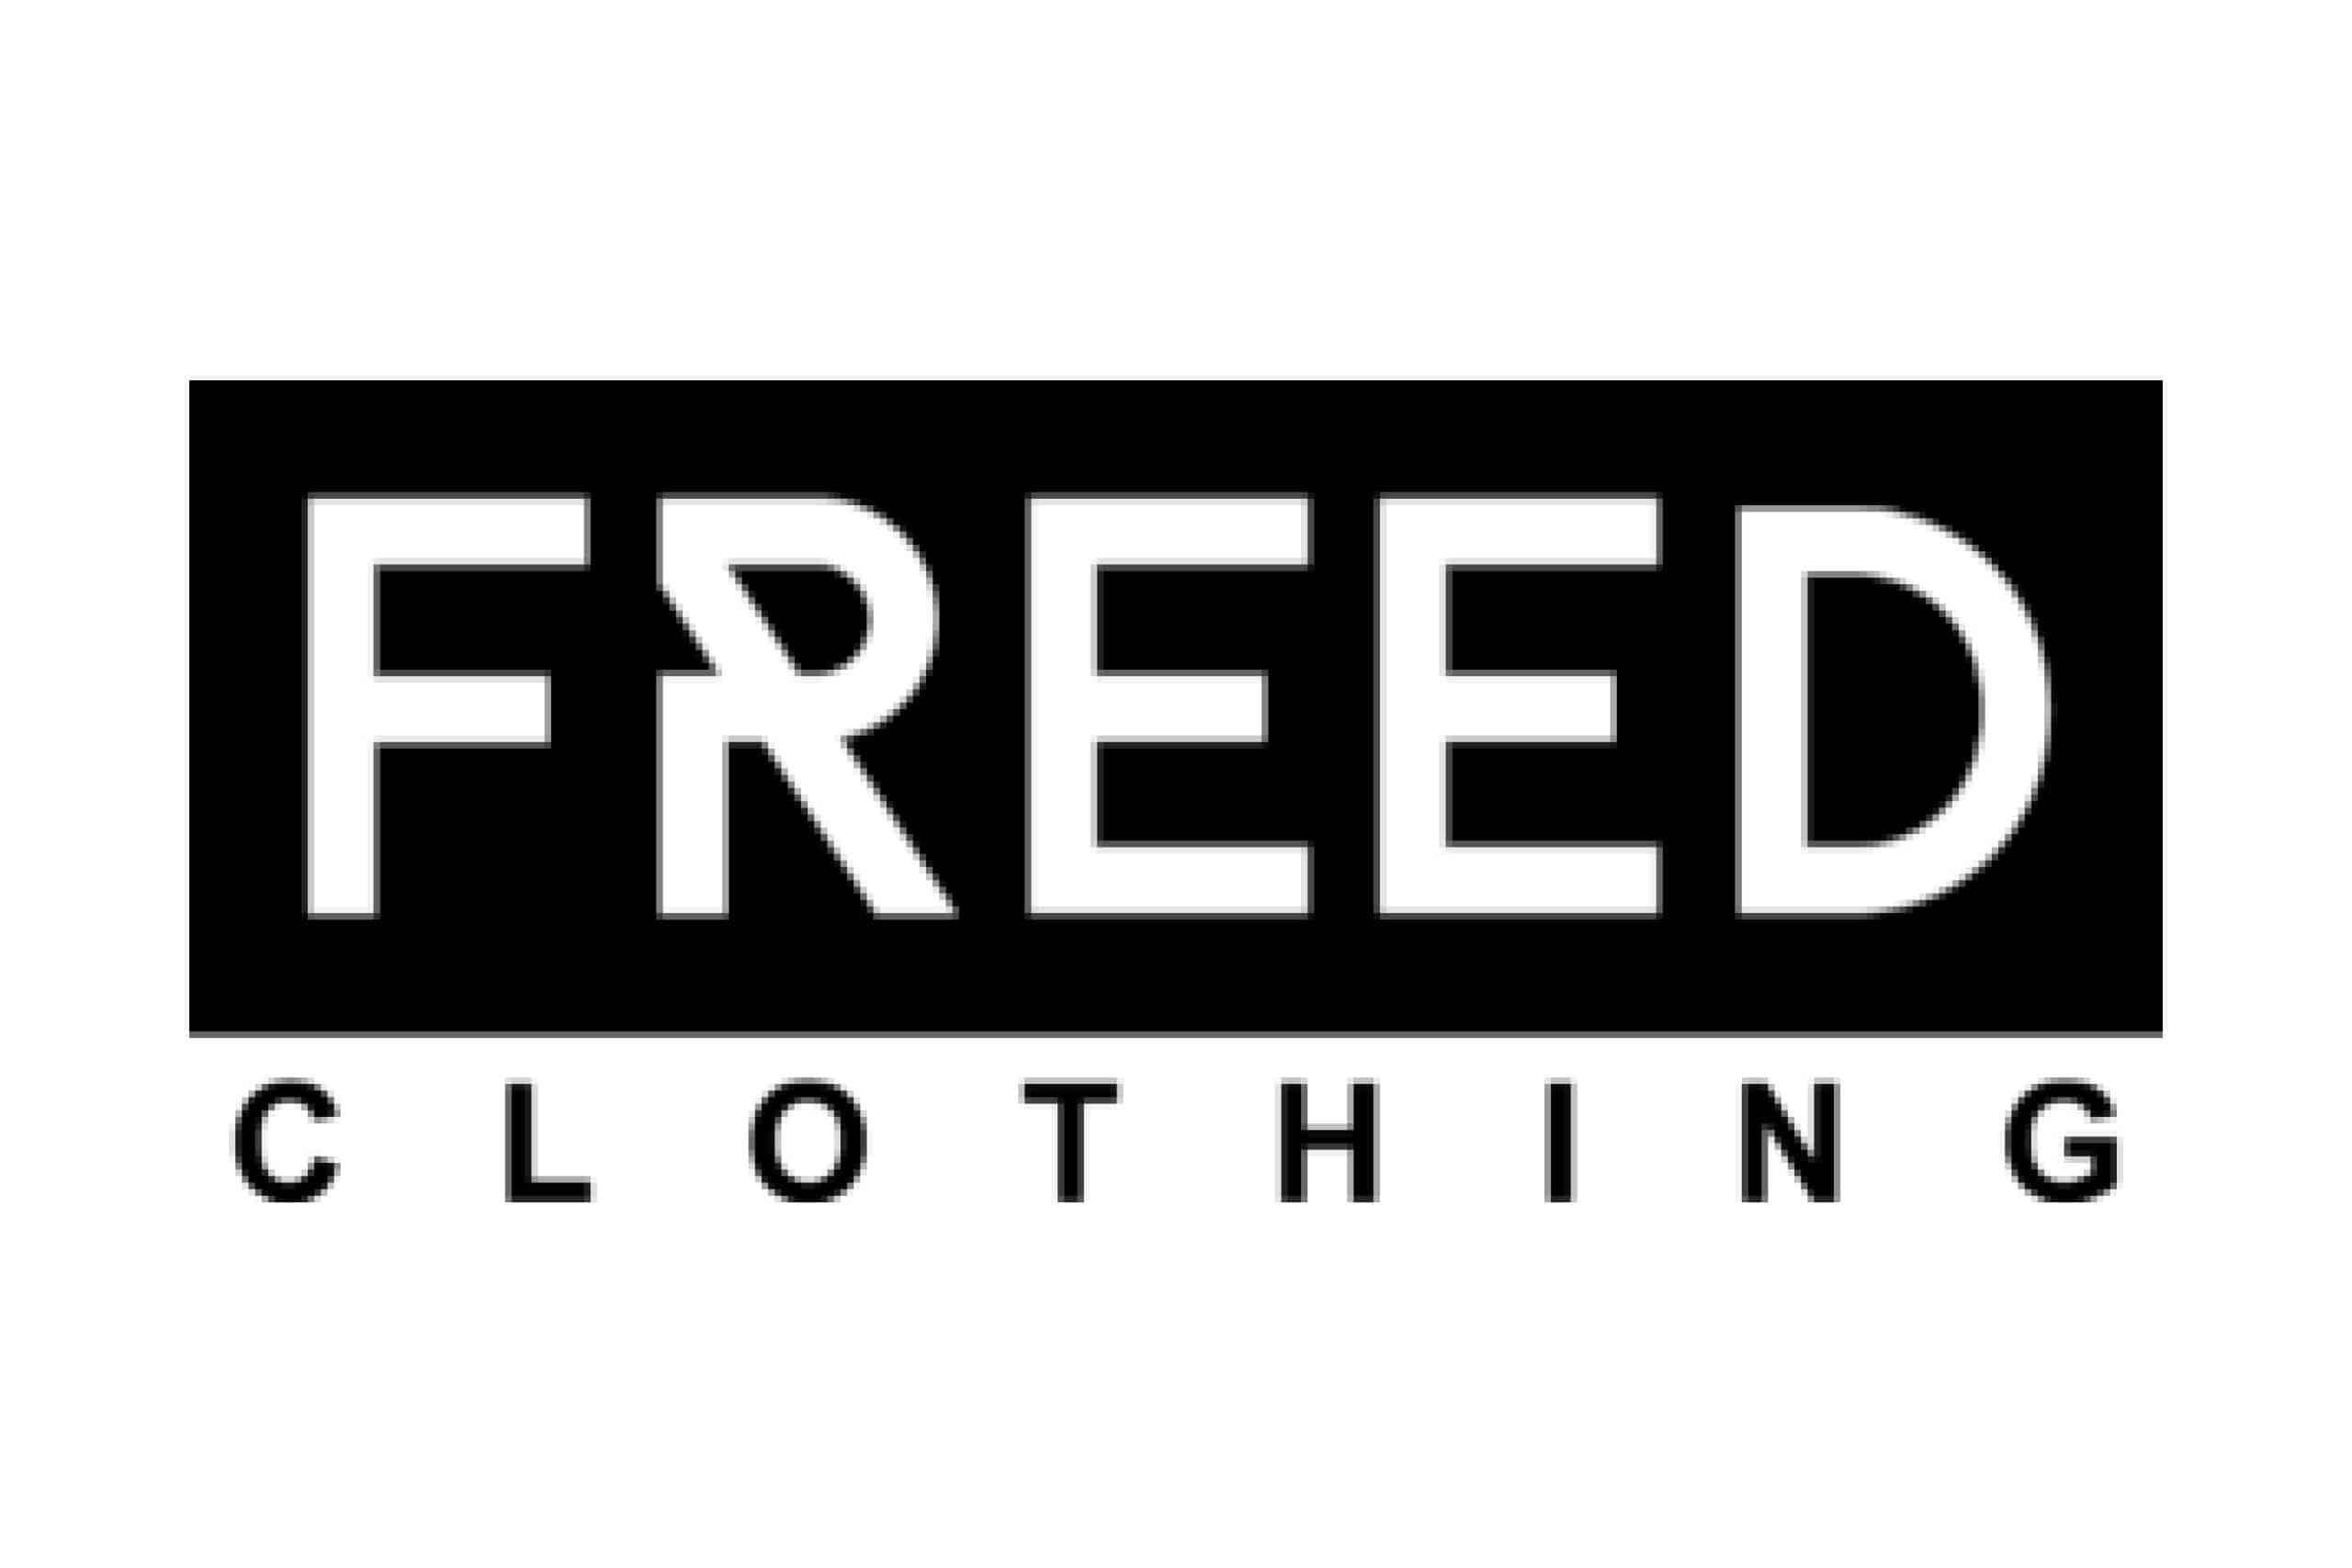 Freed Clothing